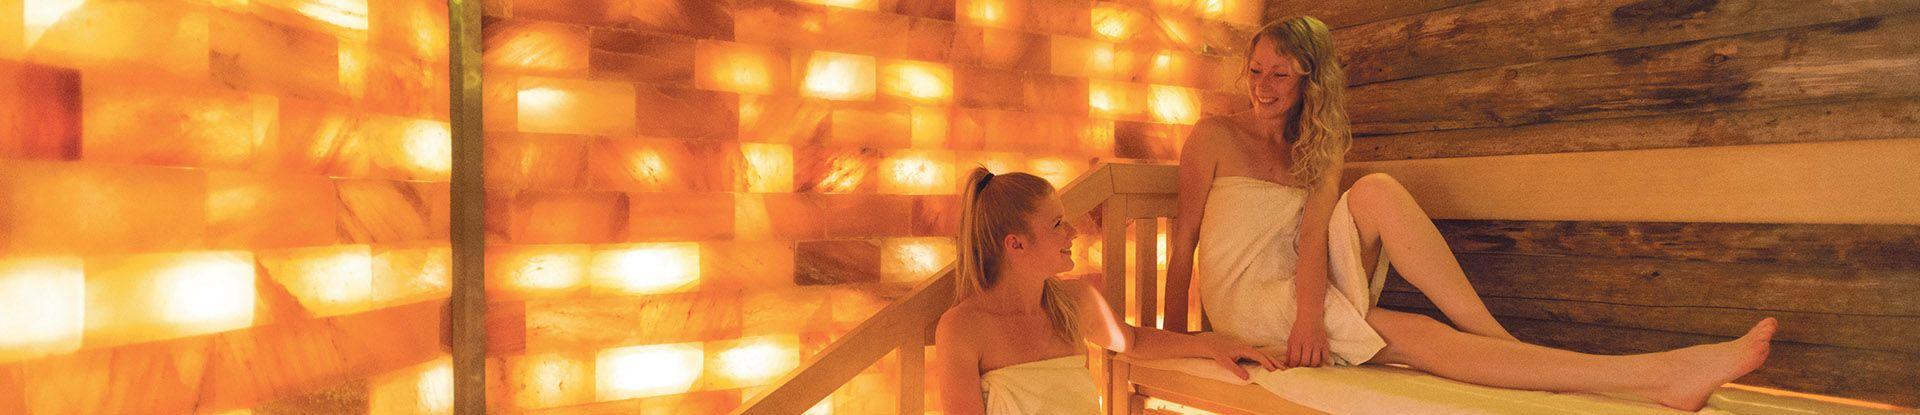 Saunagäste entspannen in der Salzsauna der Jod-Sole-Therme Bad Bevensen